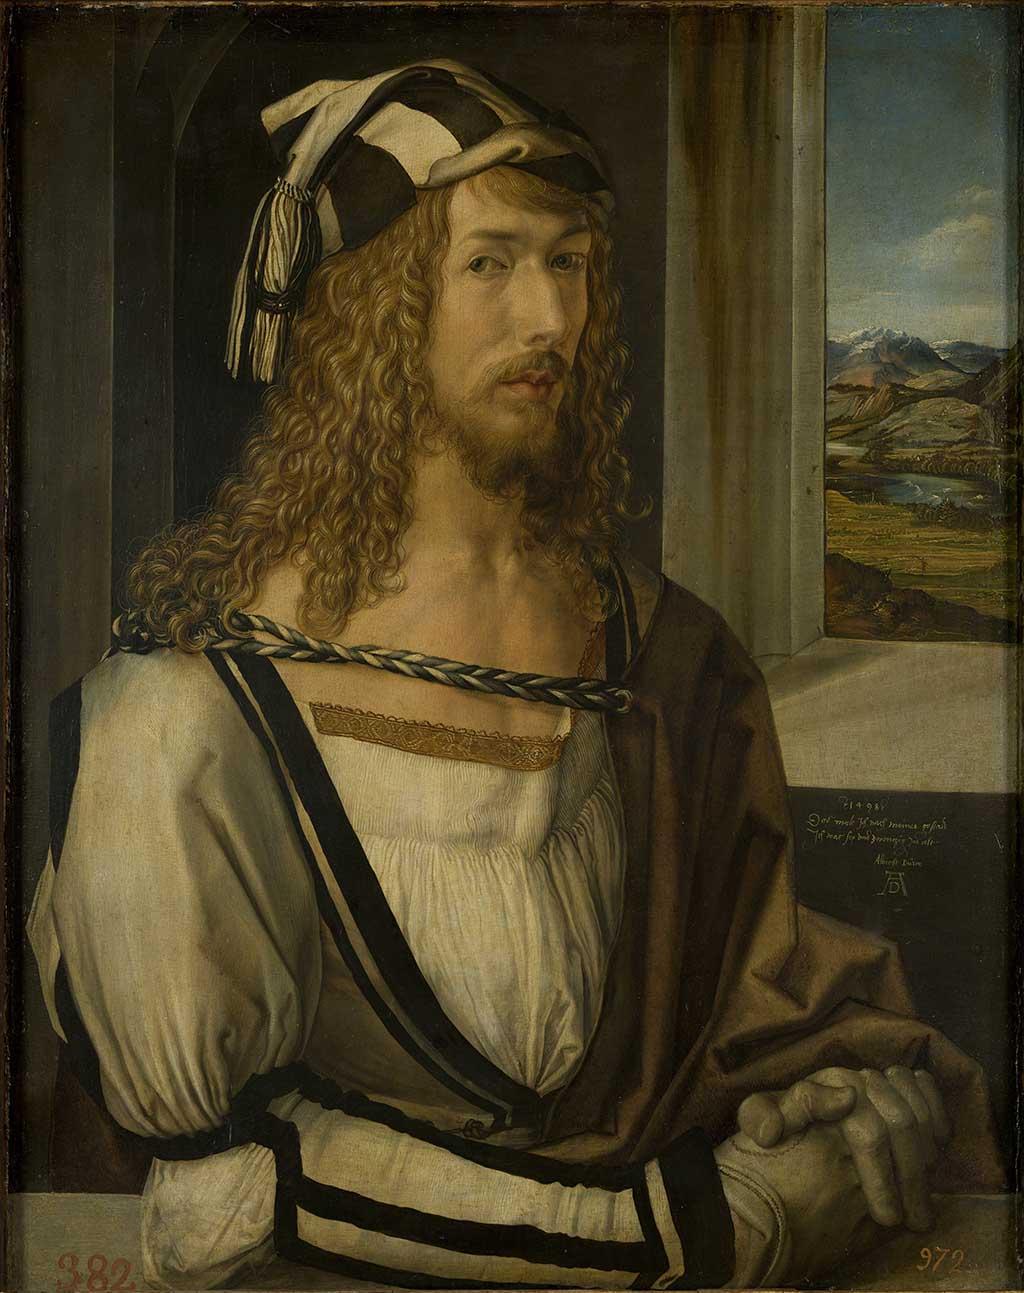 Картина Альбрехта Дюрера в музее Прадо, Мадрид